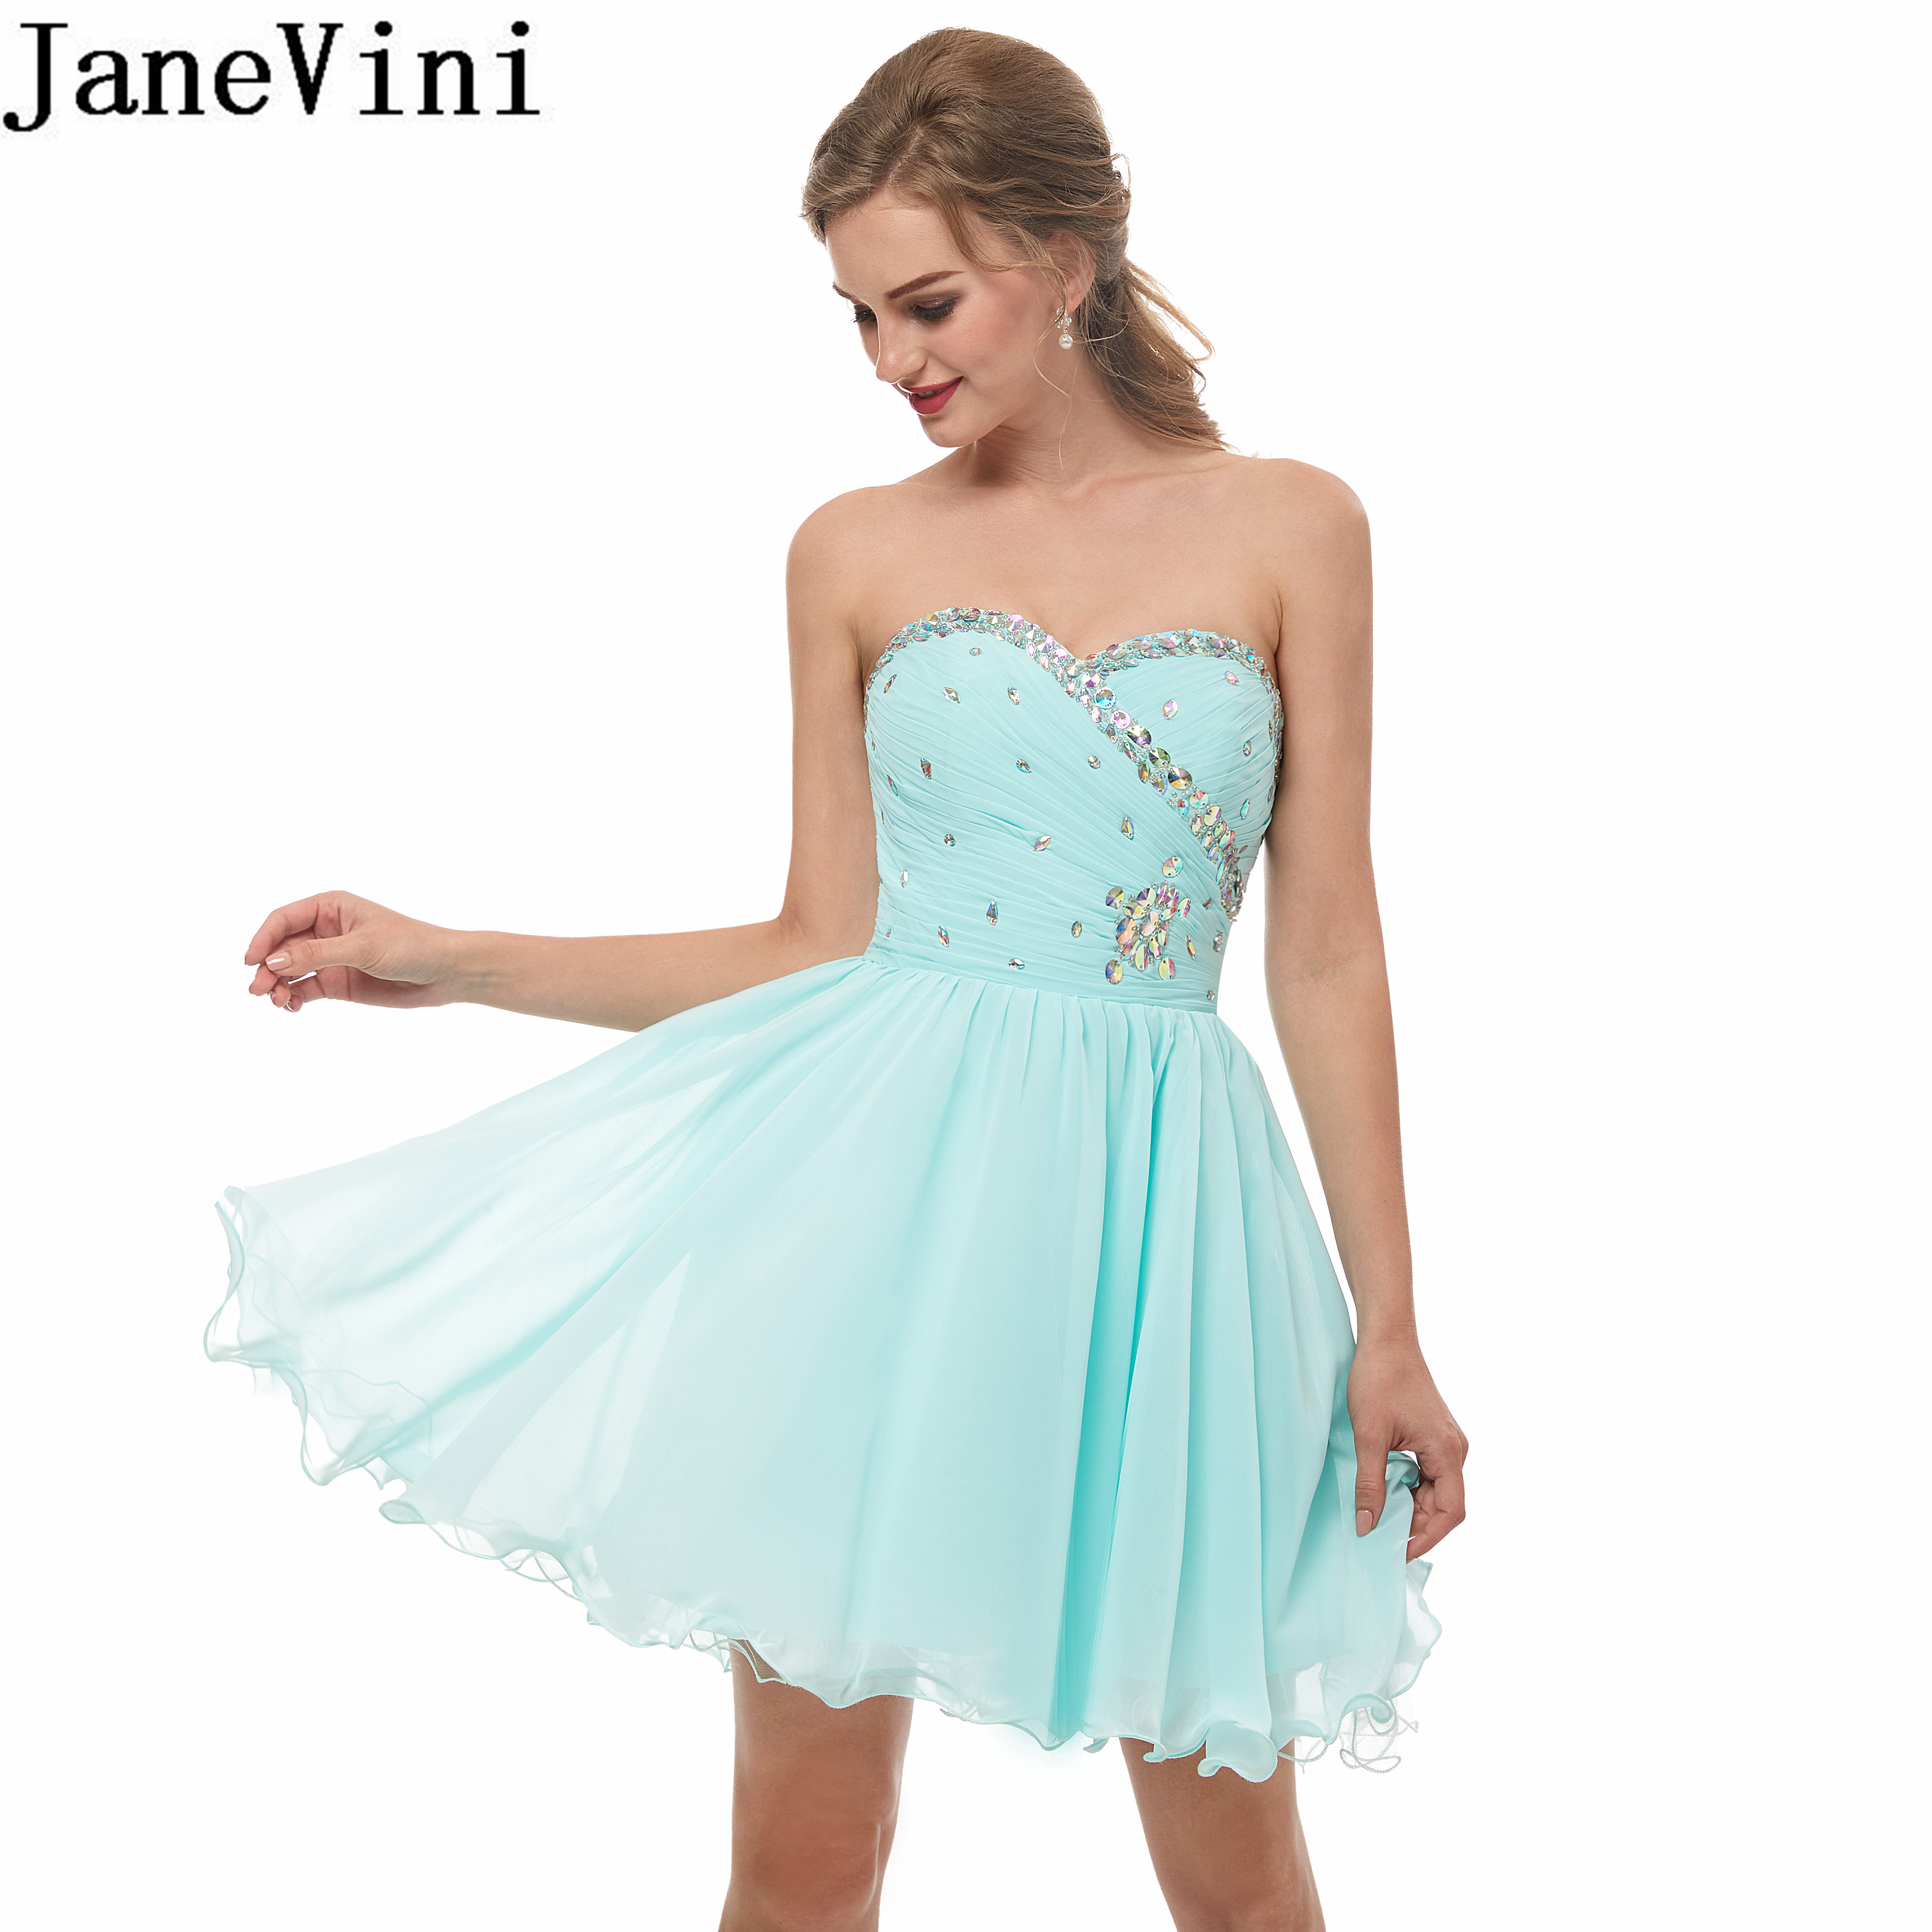 JaneVini robes de bal courtes 2019 mousseline de soie cristal perlé robe de soirée plissé au-dessus du genou robes de soirée robes de gala elegante